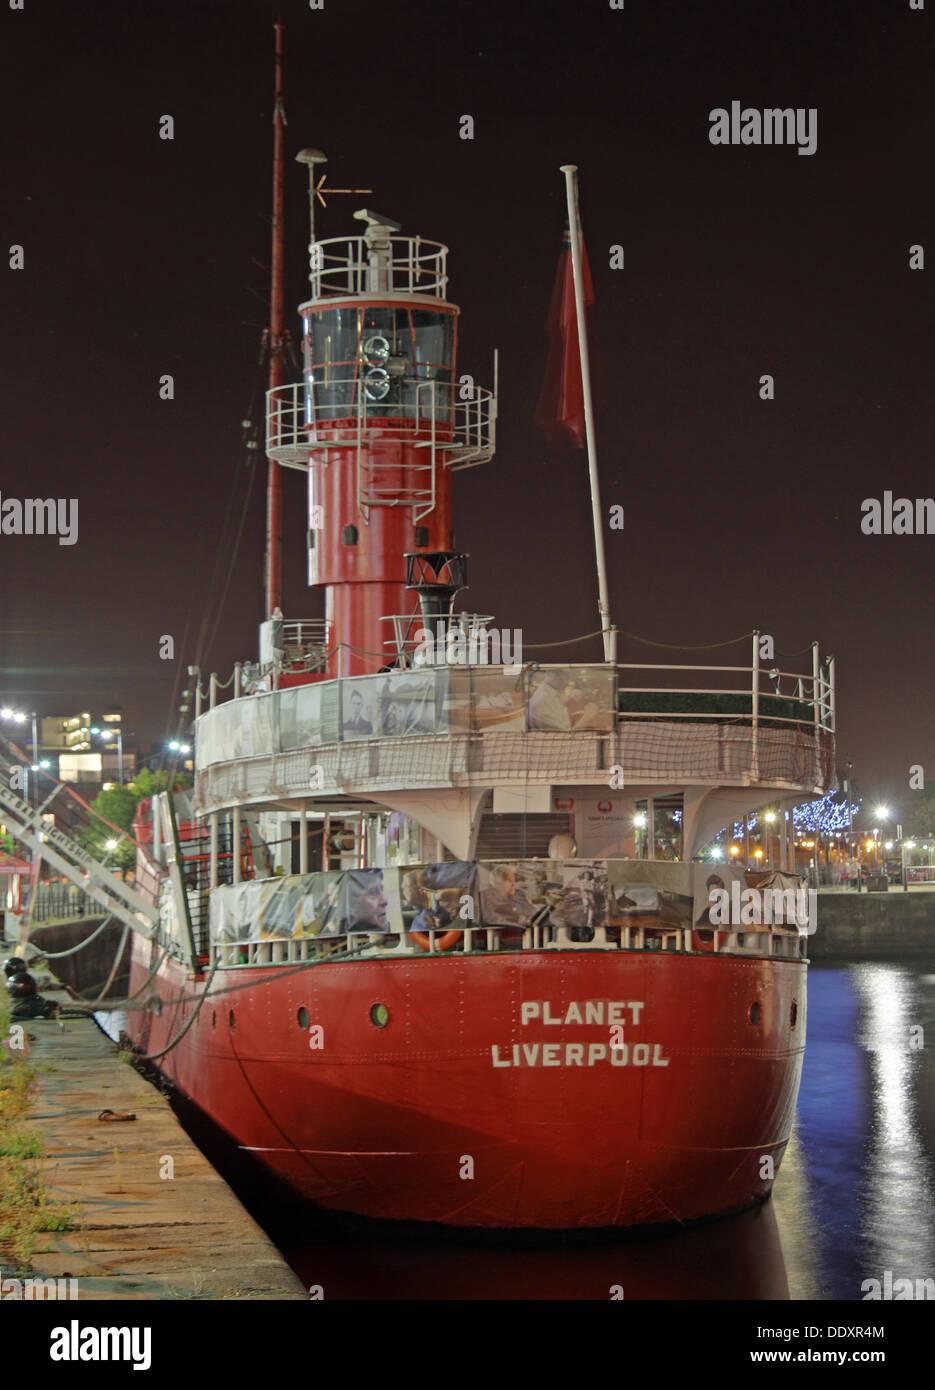 Laden Sie dieses Alamy Stockfoto Der Planet oder LV23 Licht Schiff, rote Feuerschiff, Liverpool Docks, Mersey - DDXR4M